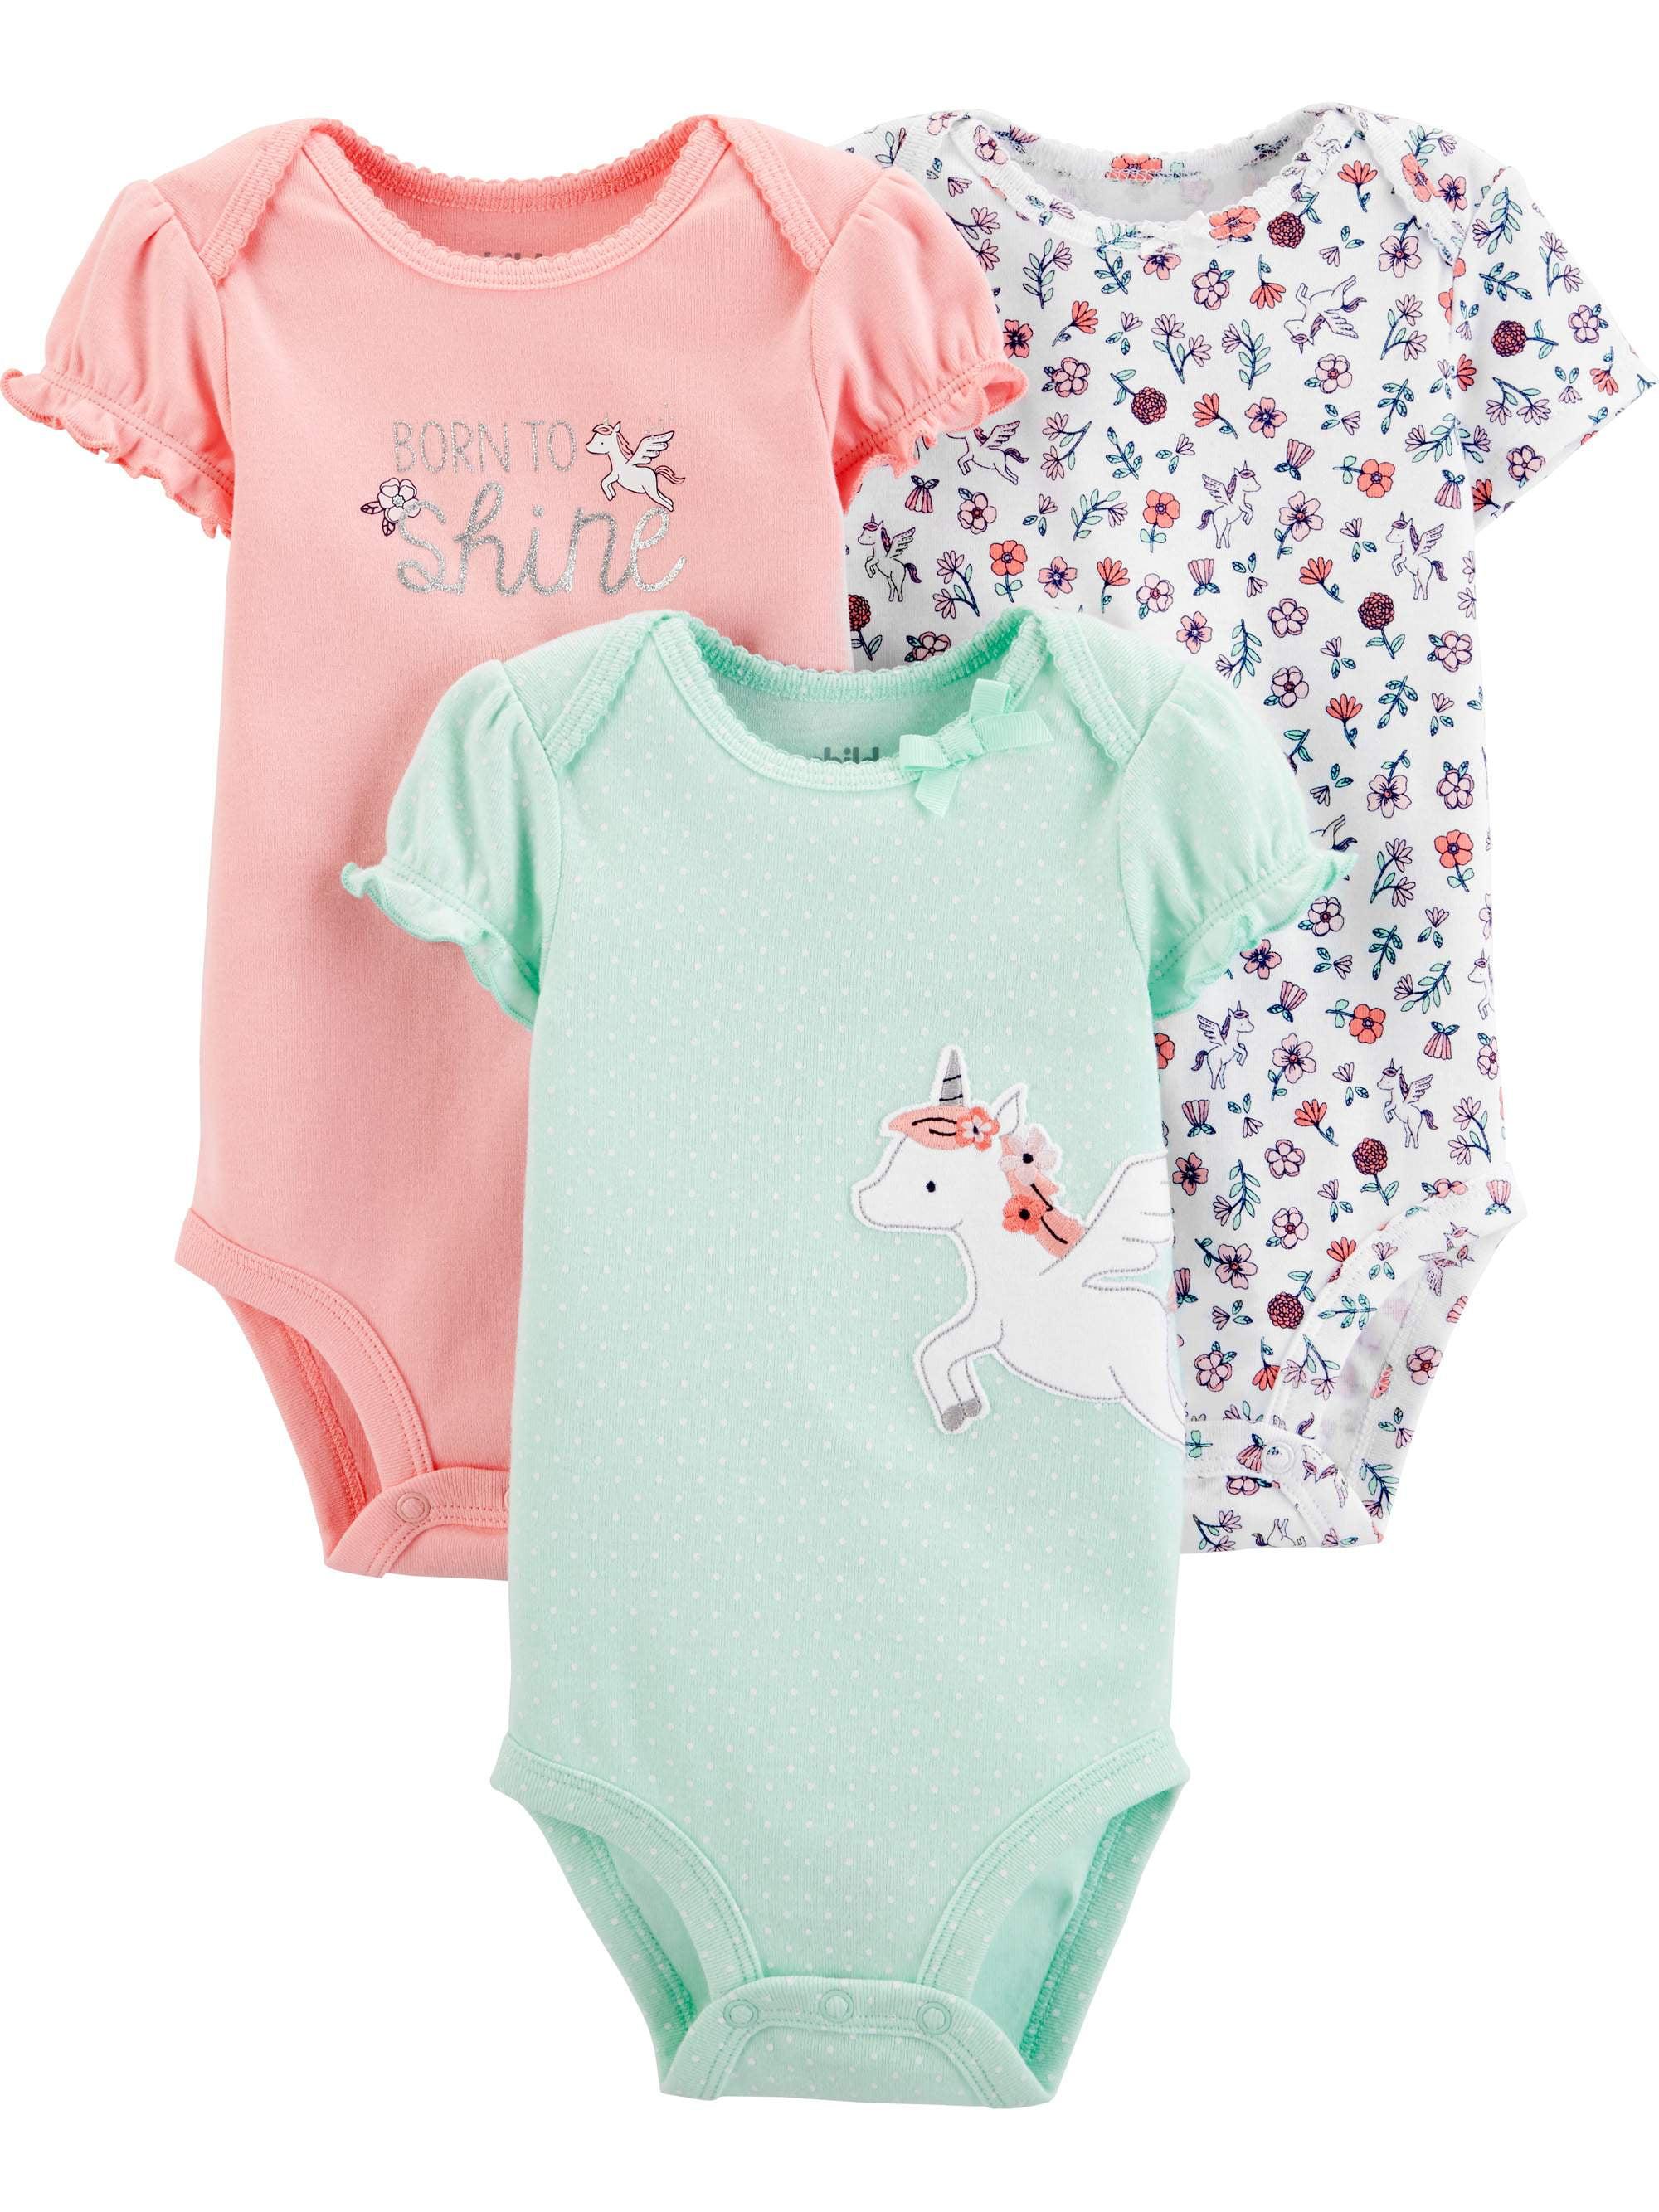 Short Sleeve Bodysuit, 3 pack (Baby Girls)